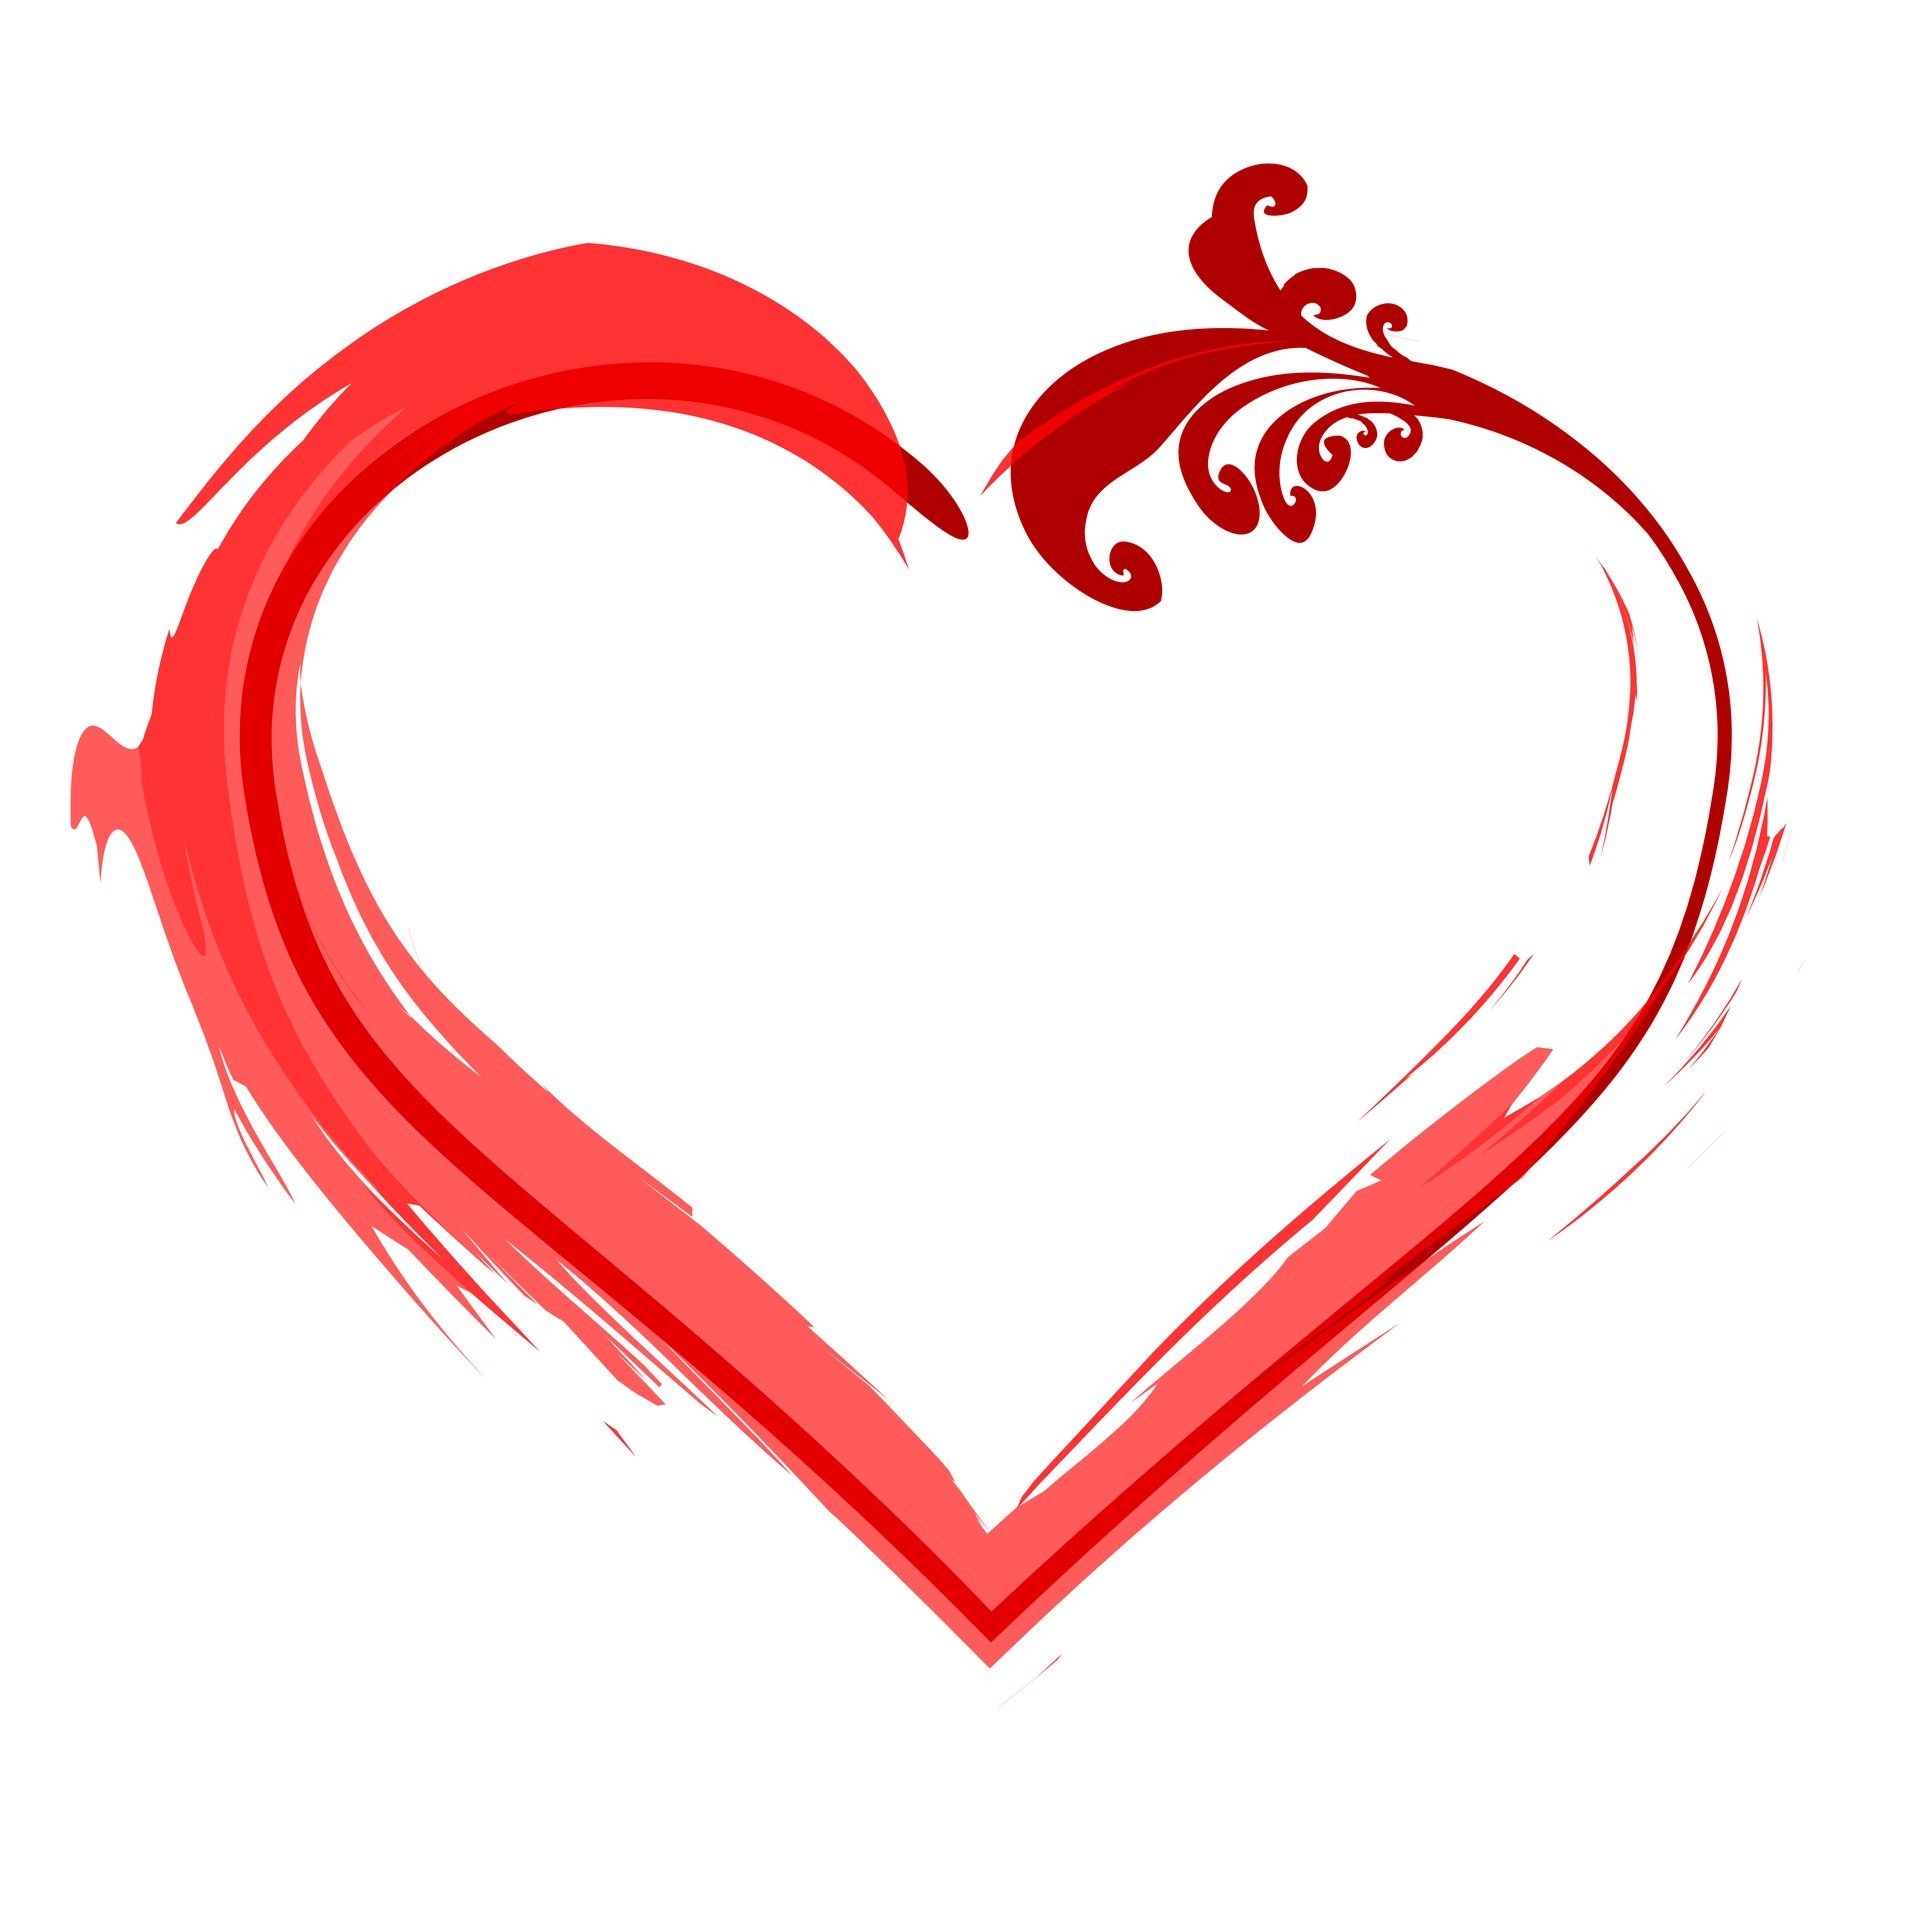 Frame hình trái tim ghép ảnh